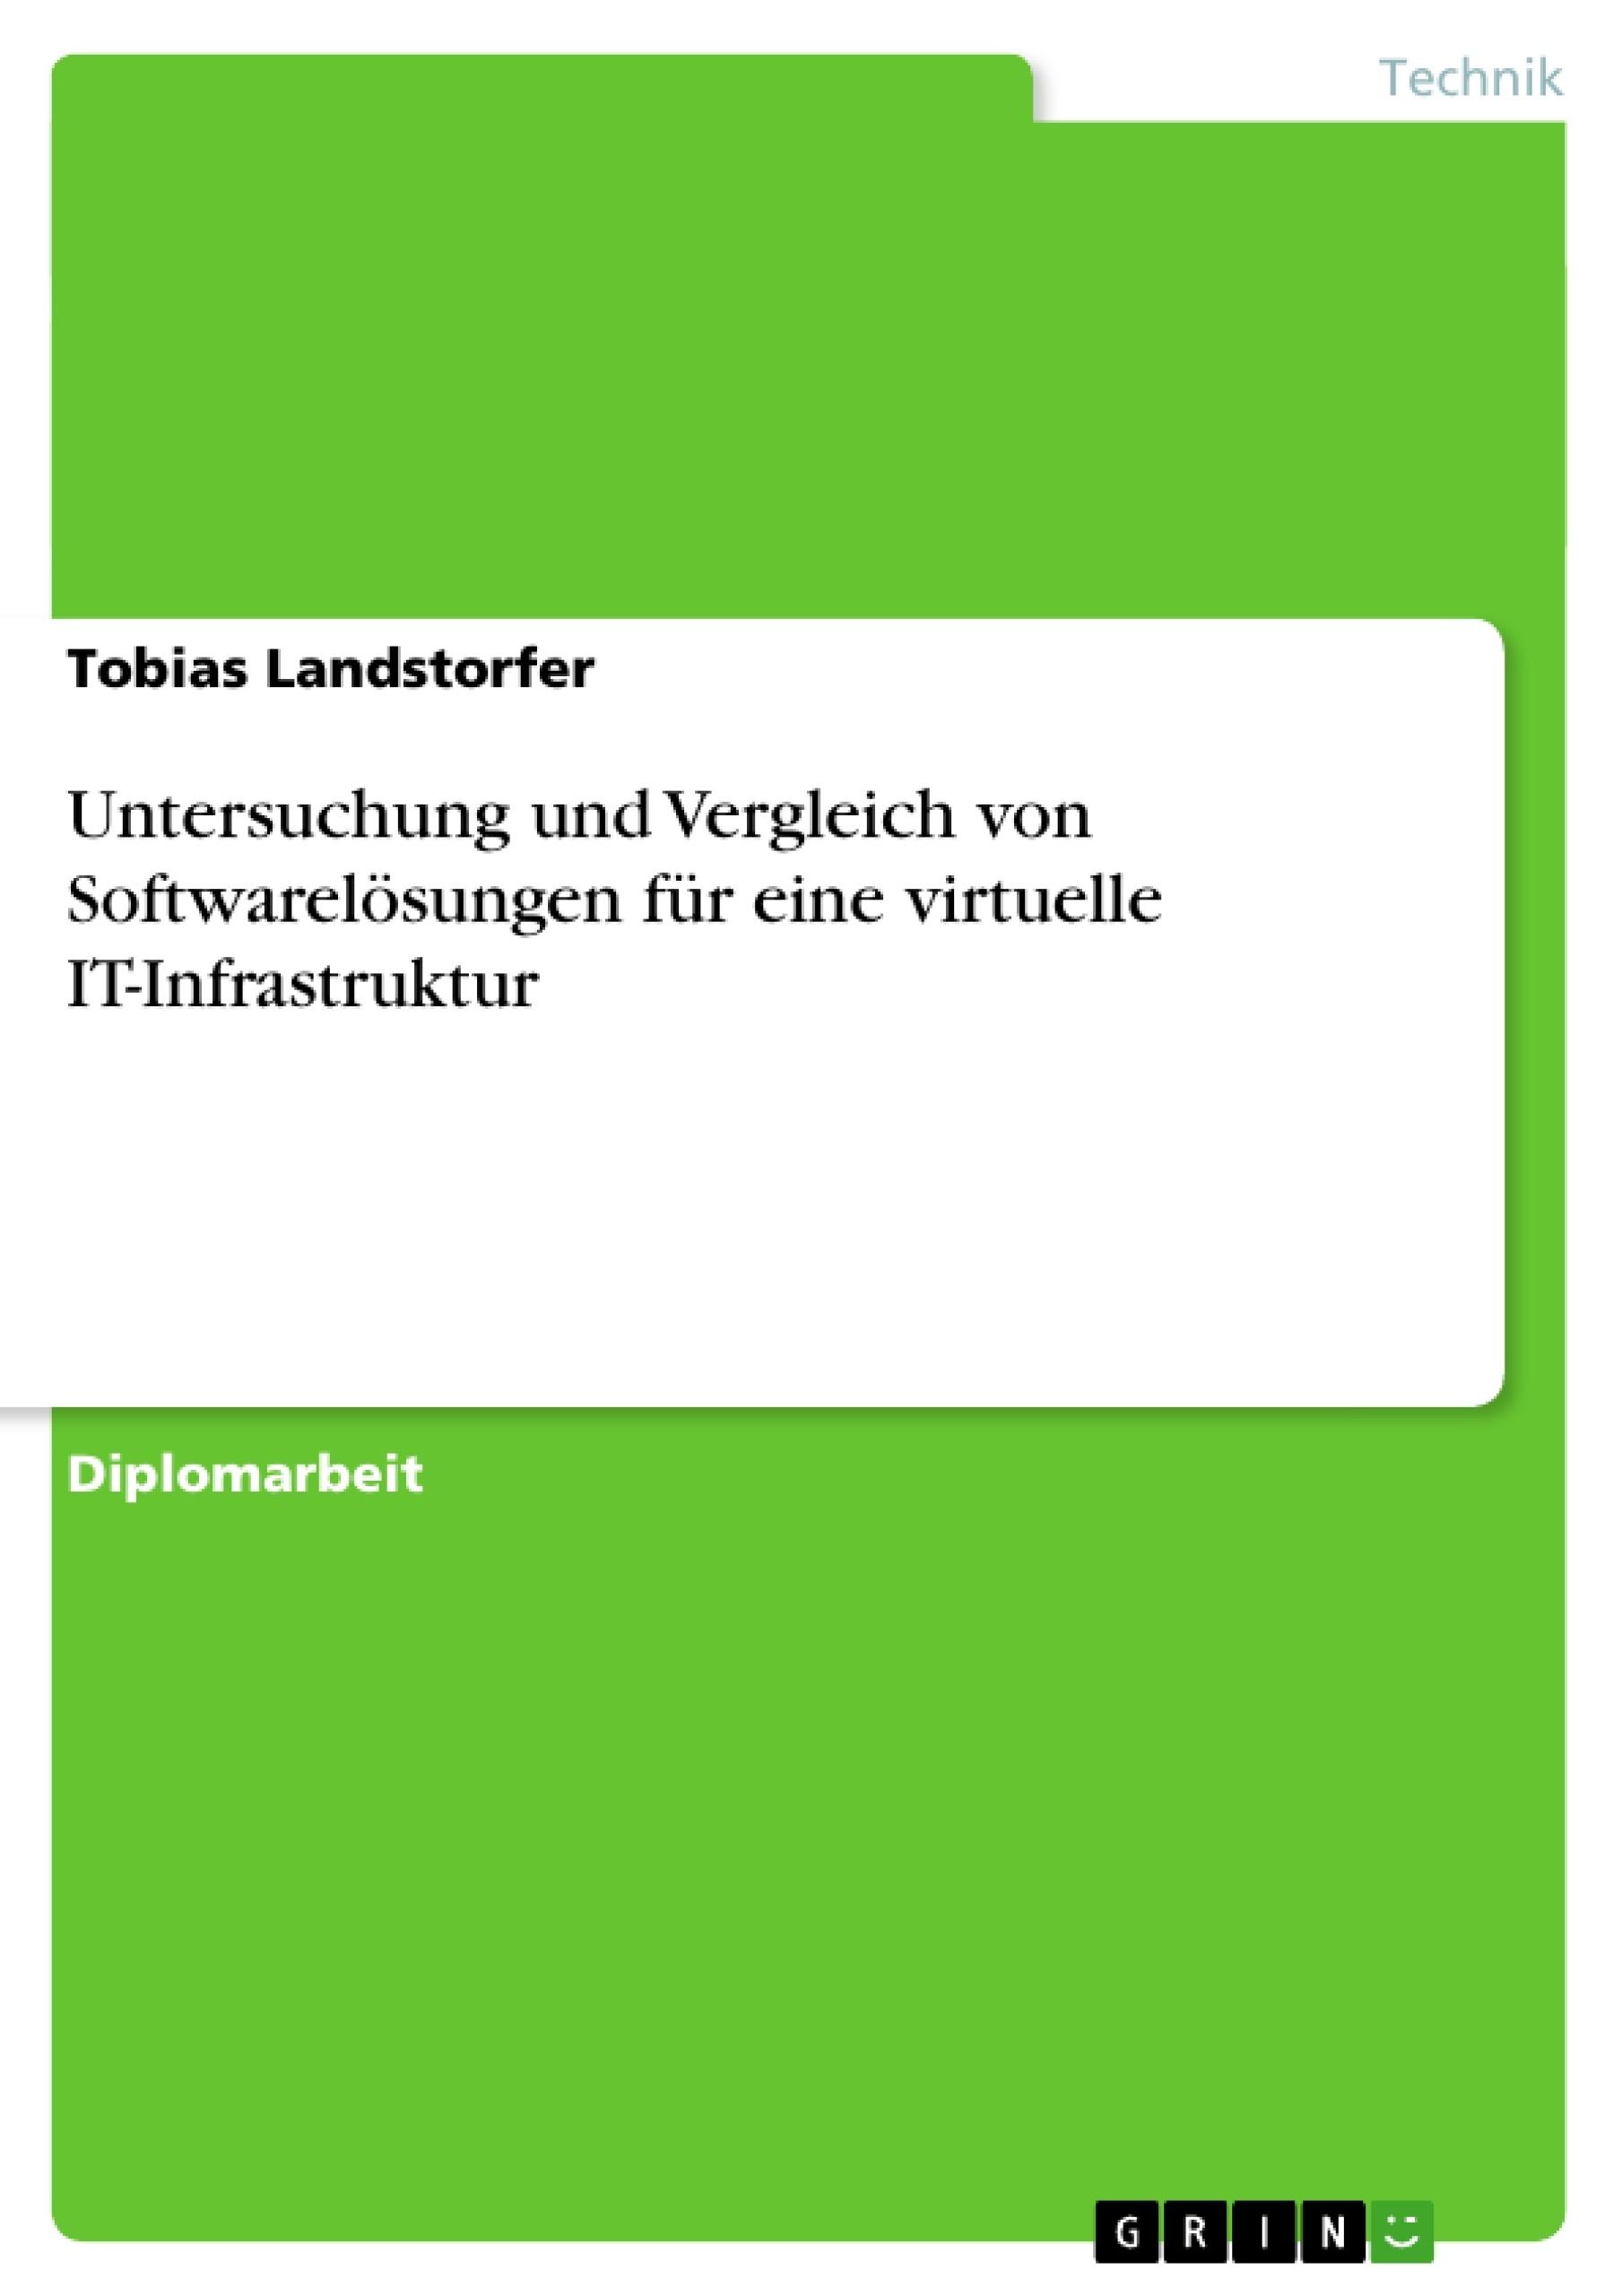 Titel: Untersuchung und Vergleich von Softwarelösungen für eine virtuelle IT-Infrastruktur